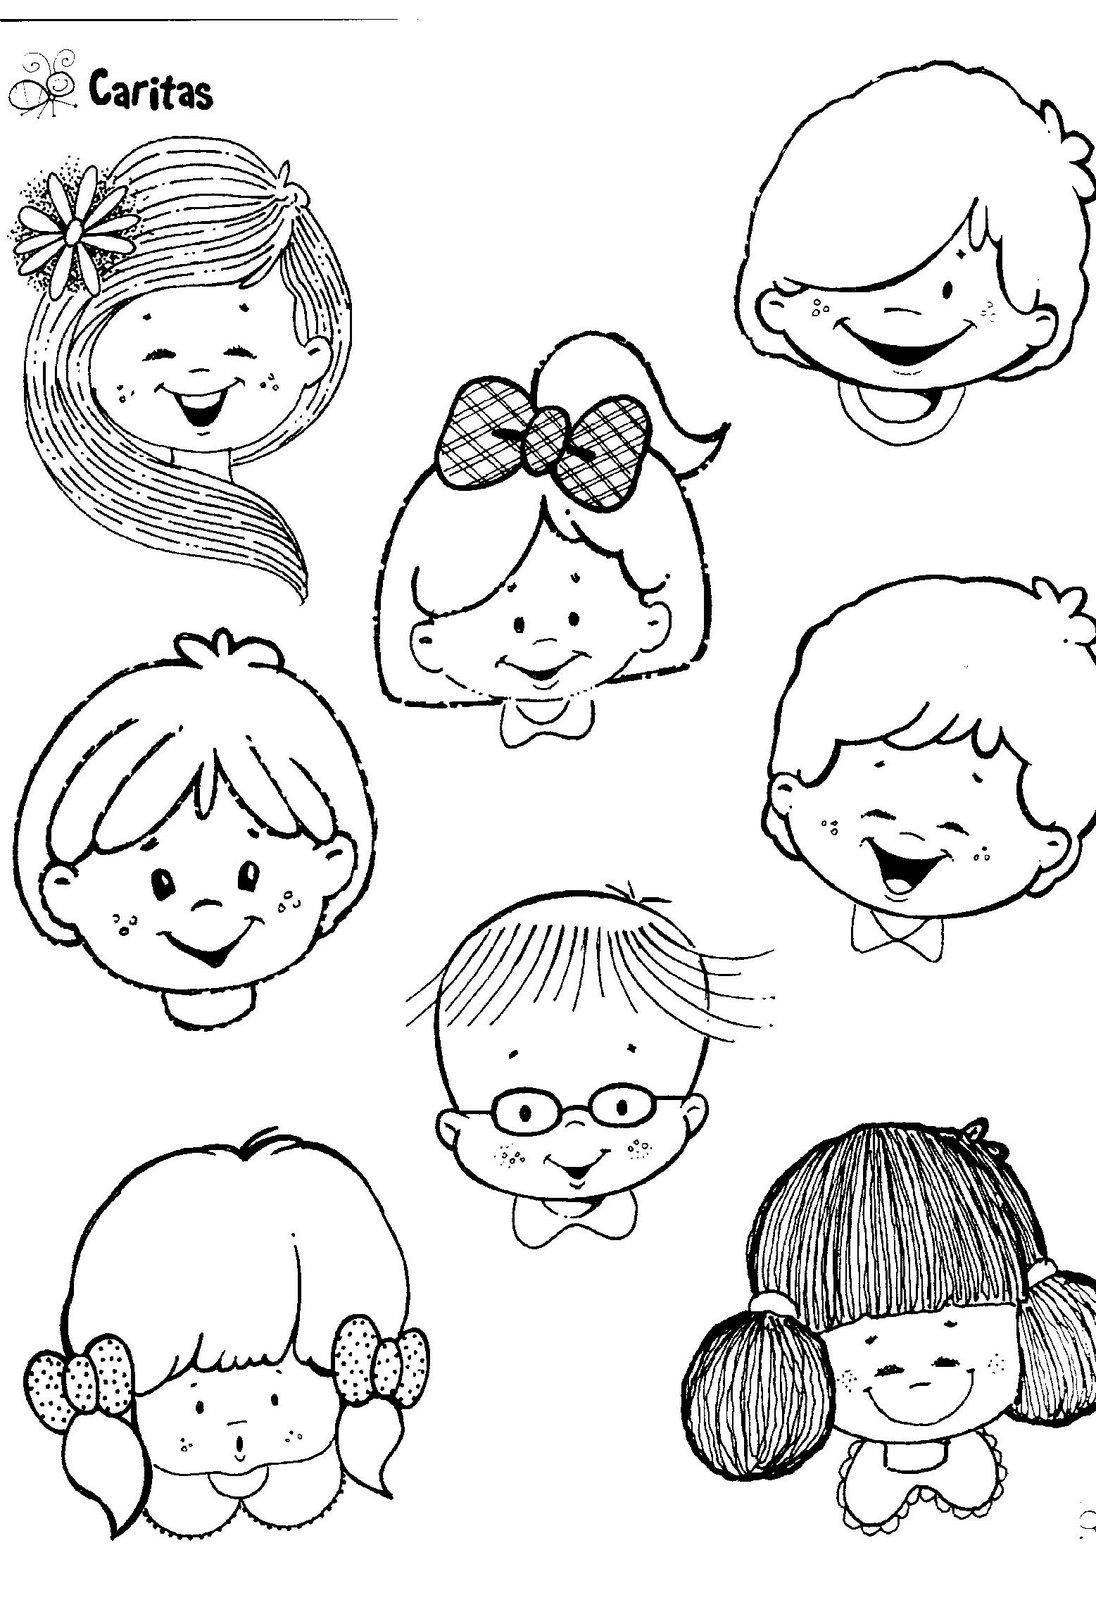 fichas infantiles caritas para colorear e imprimir